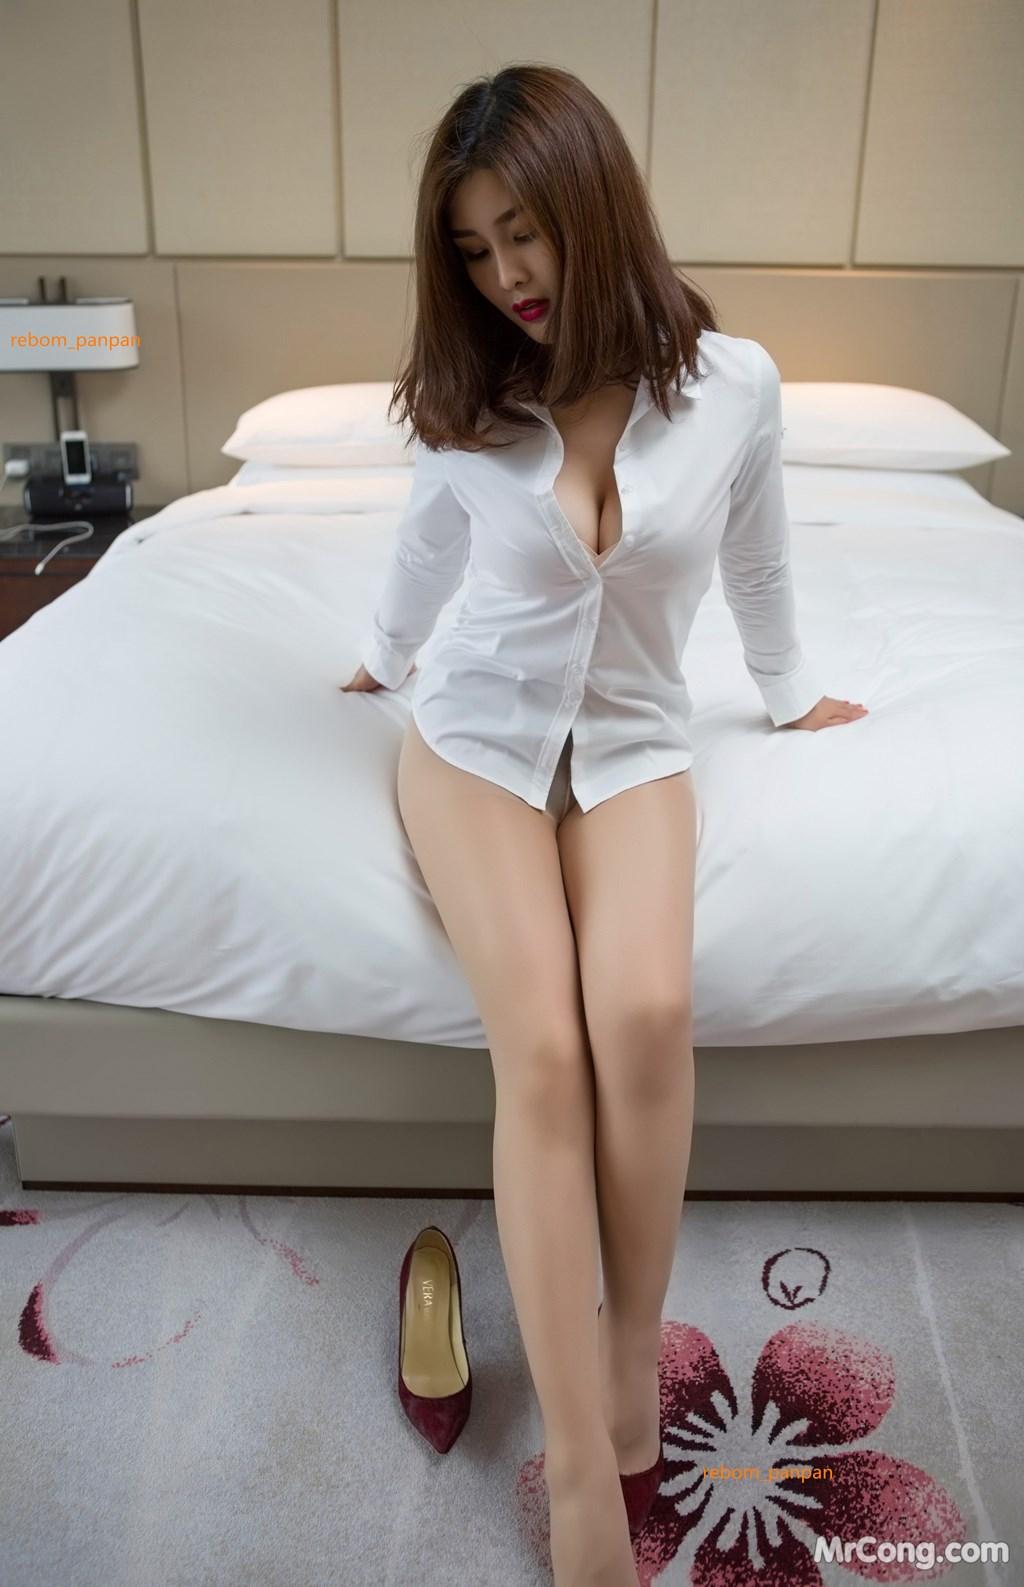 Image Yan-Pan-Pan-Part-4-MrCong.com-006 in post Người đẹp Yan Pan Pan (闫盼盼) hờ hững khoe vòng một trên giường ngủ (40 ảnh)